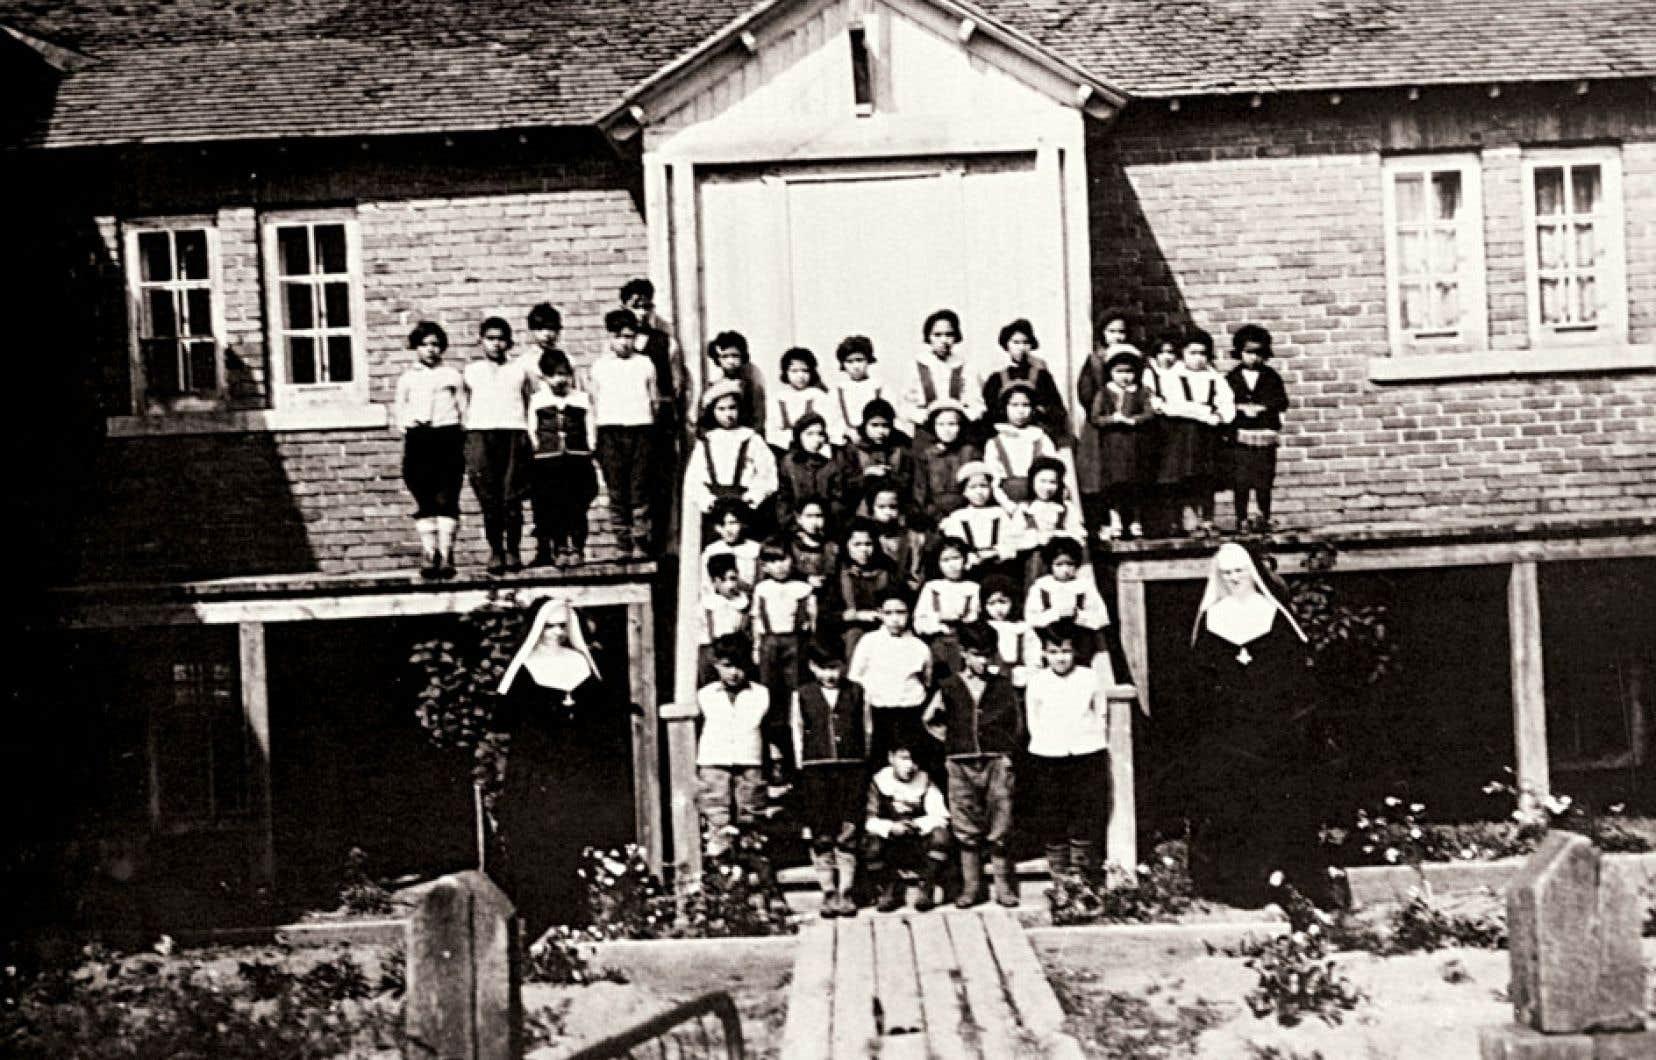 De 1880 à 1920, de 25 % à 30 % des jeunes autochtones mouraient au cours de leur séjour au pensionnat.